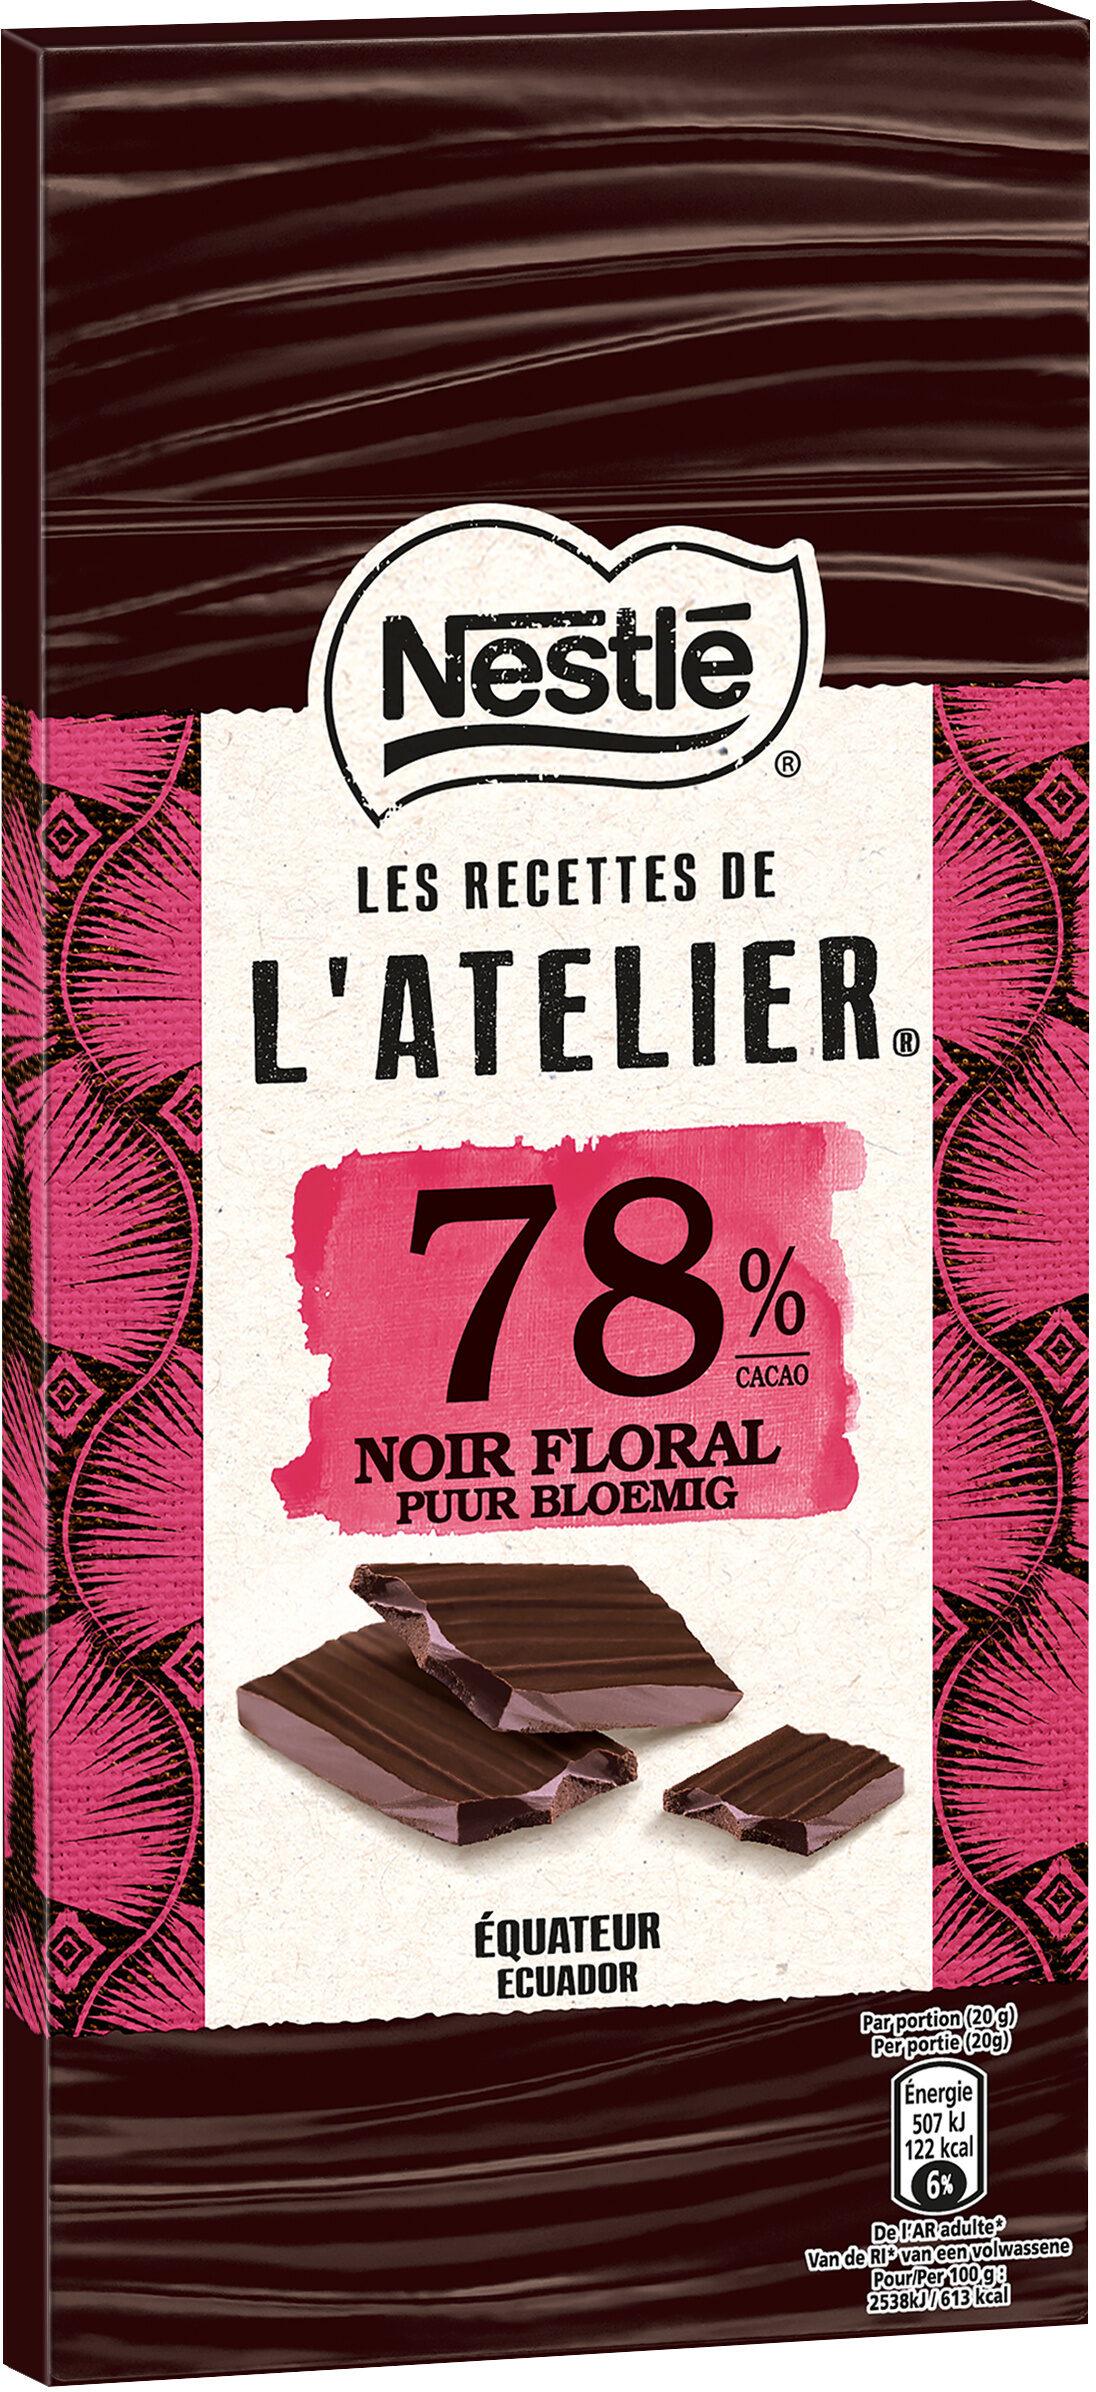 NESTLE L'ATELIER Chocolat noir 78% Floral - Prodotto - fr